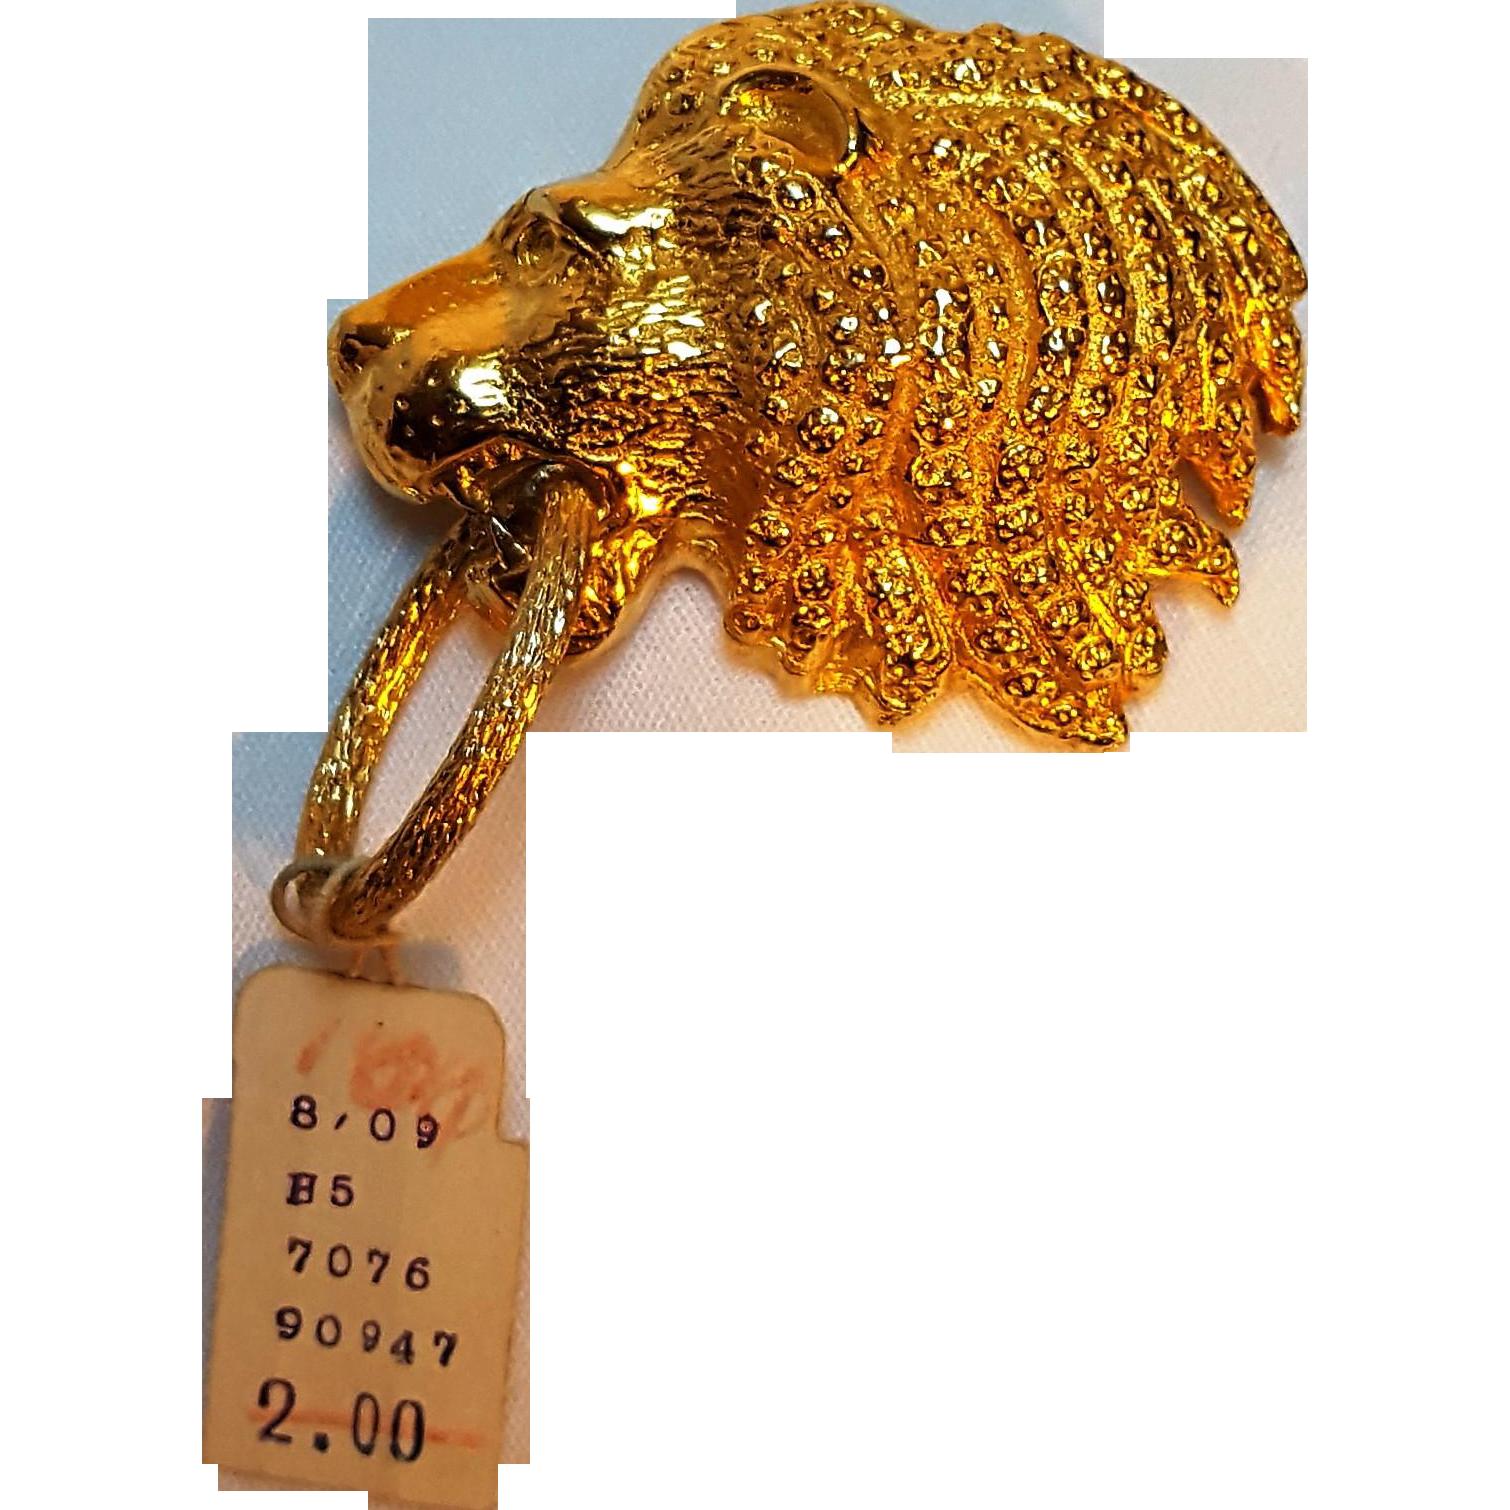 Van S Authentics lion head pin